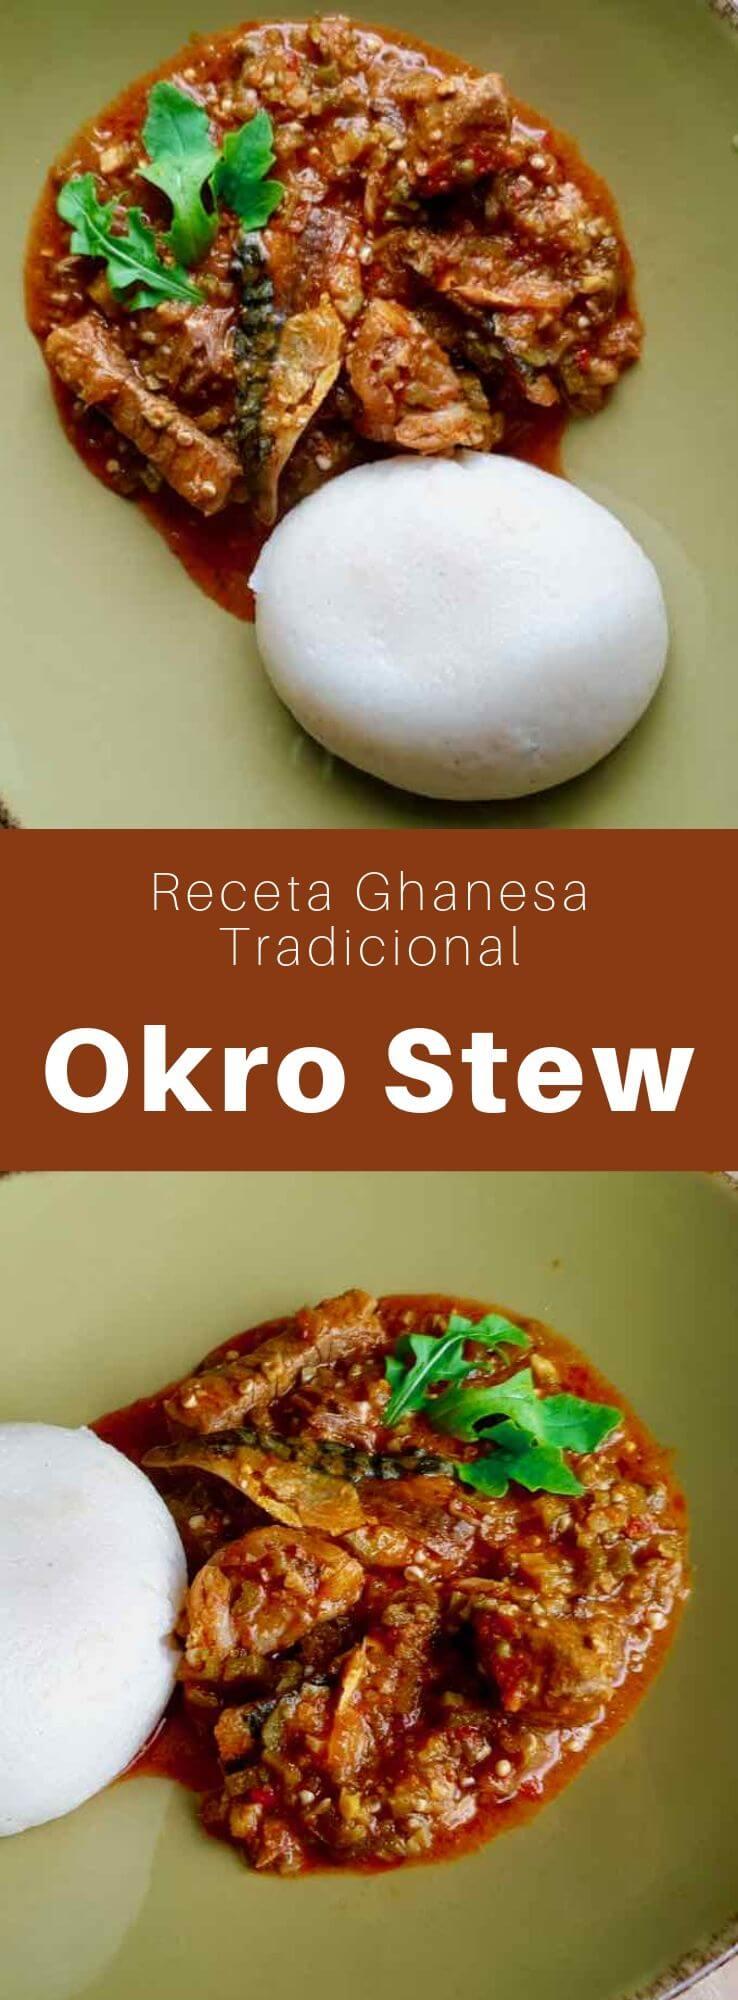 El estofado de okro o okra, uno de los platos nacionales de Ghana, se prepara con tomates, aceite de palma roja, cebollas, tomates, especias y okra finamente picada.